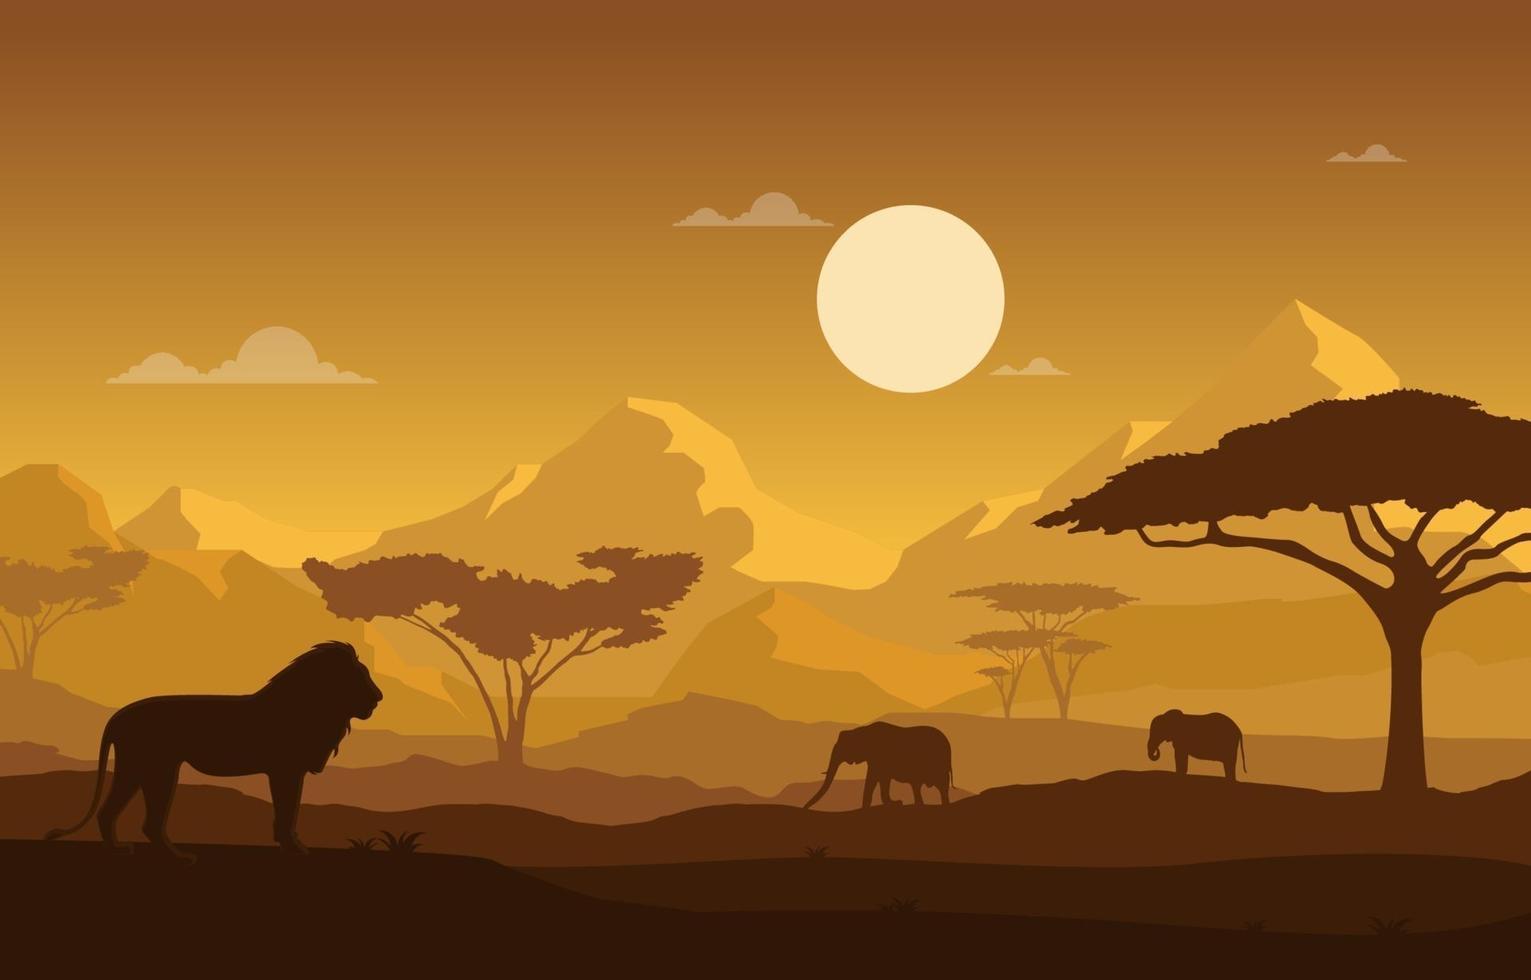 León y elefantes en la ilustración del paisaje de la sabana africana vector